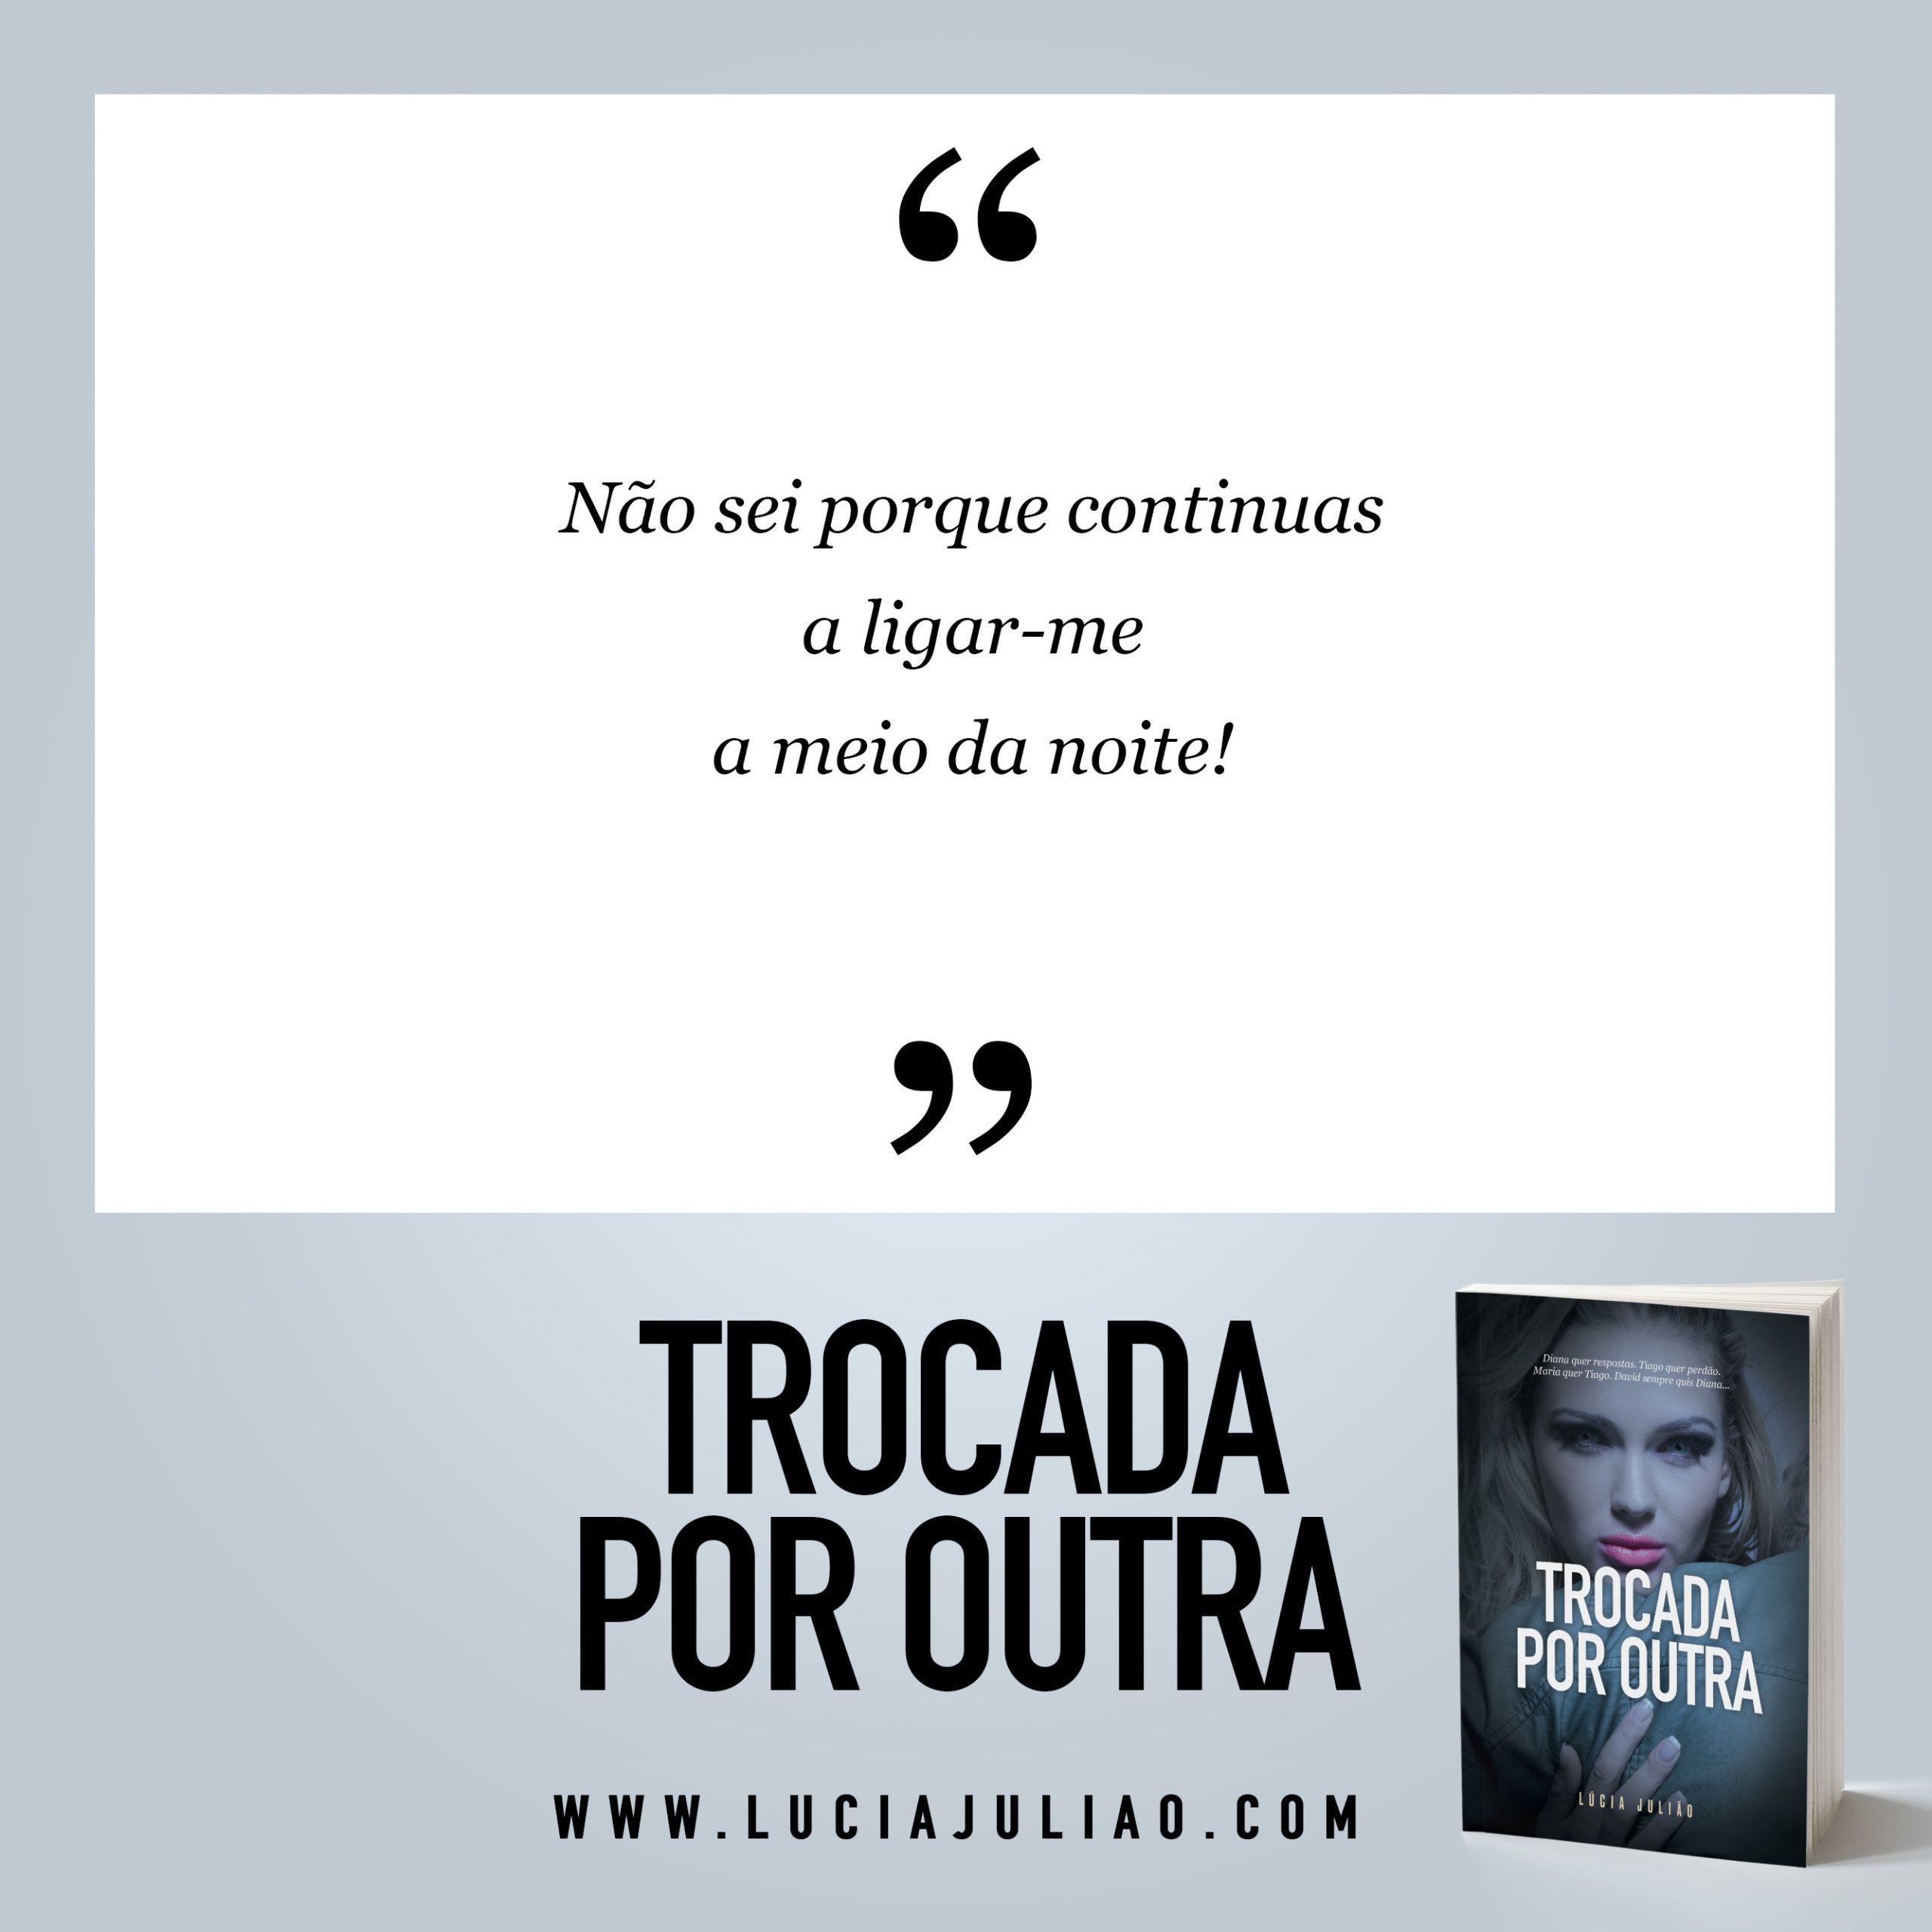 021Q - capítulo 6 - Trocada por outra - Lúcia Julião